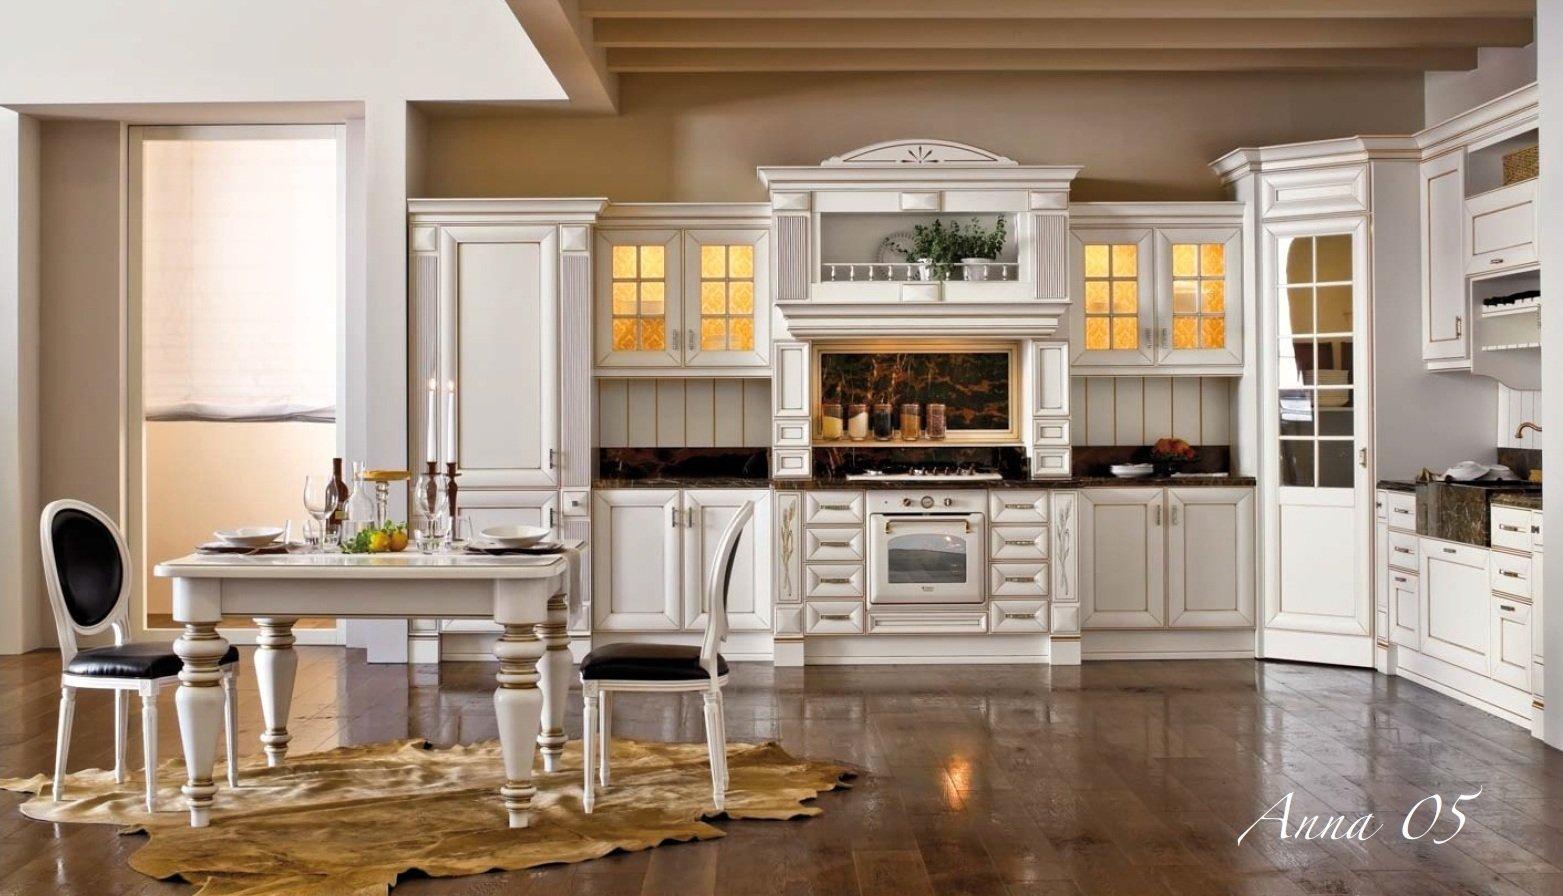 Anna кухня 85677